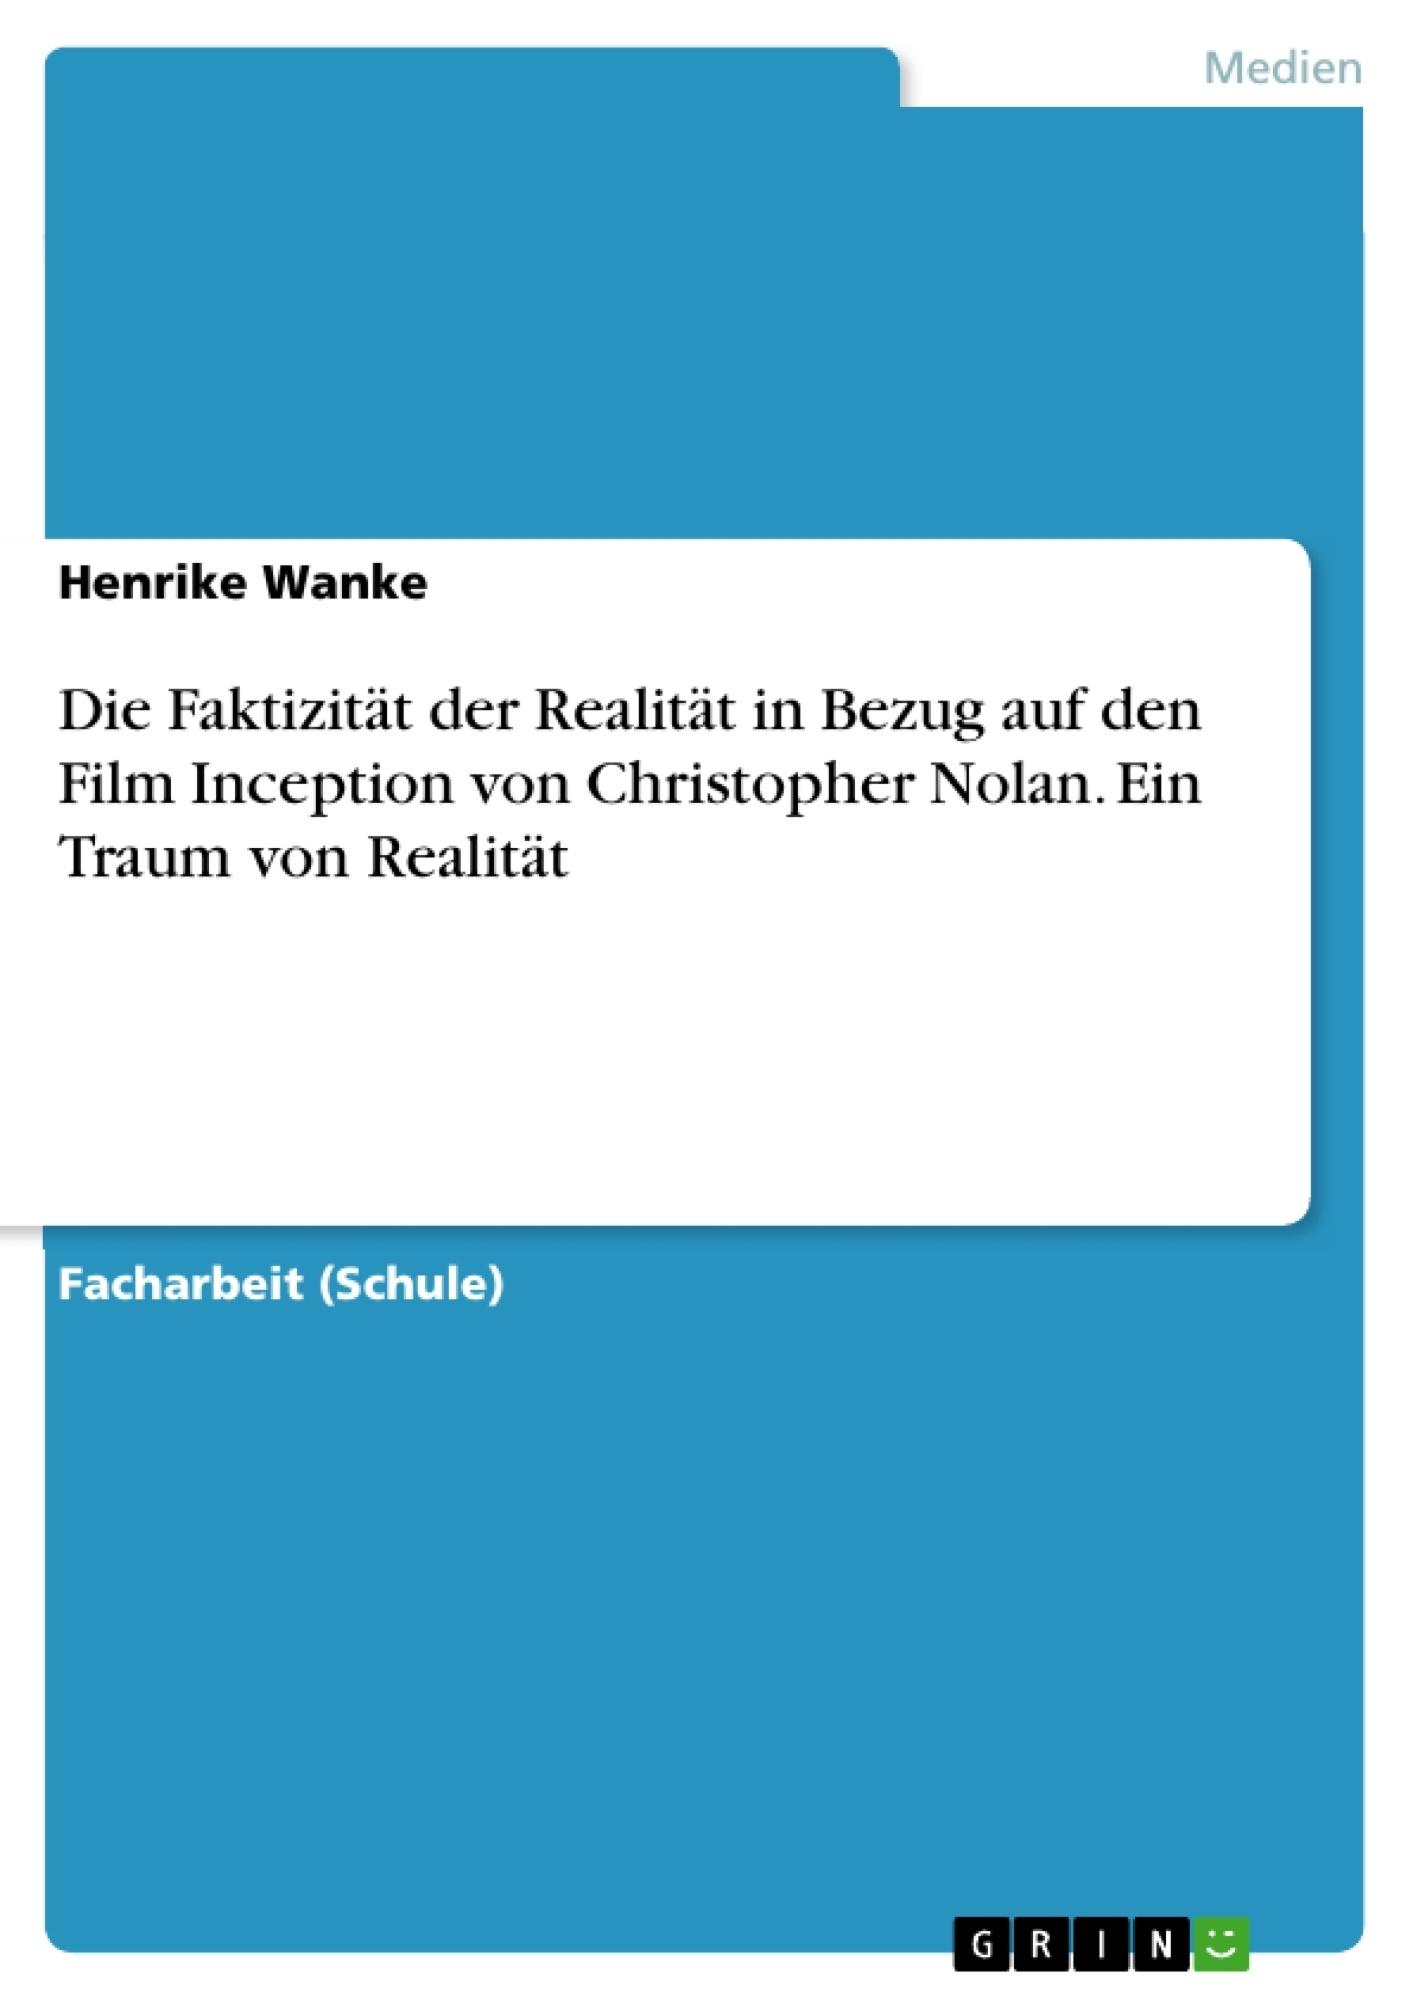 Titel: Die Faktizität der Realität in Bezug auf den Film Inception von Christopher Nolan. Ein Traum von Realität